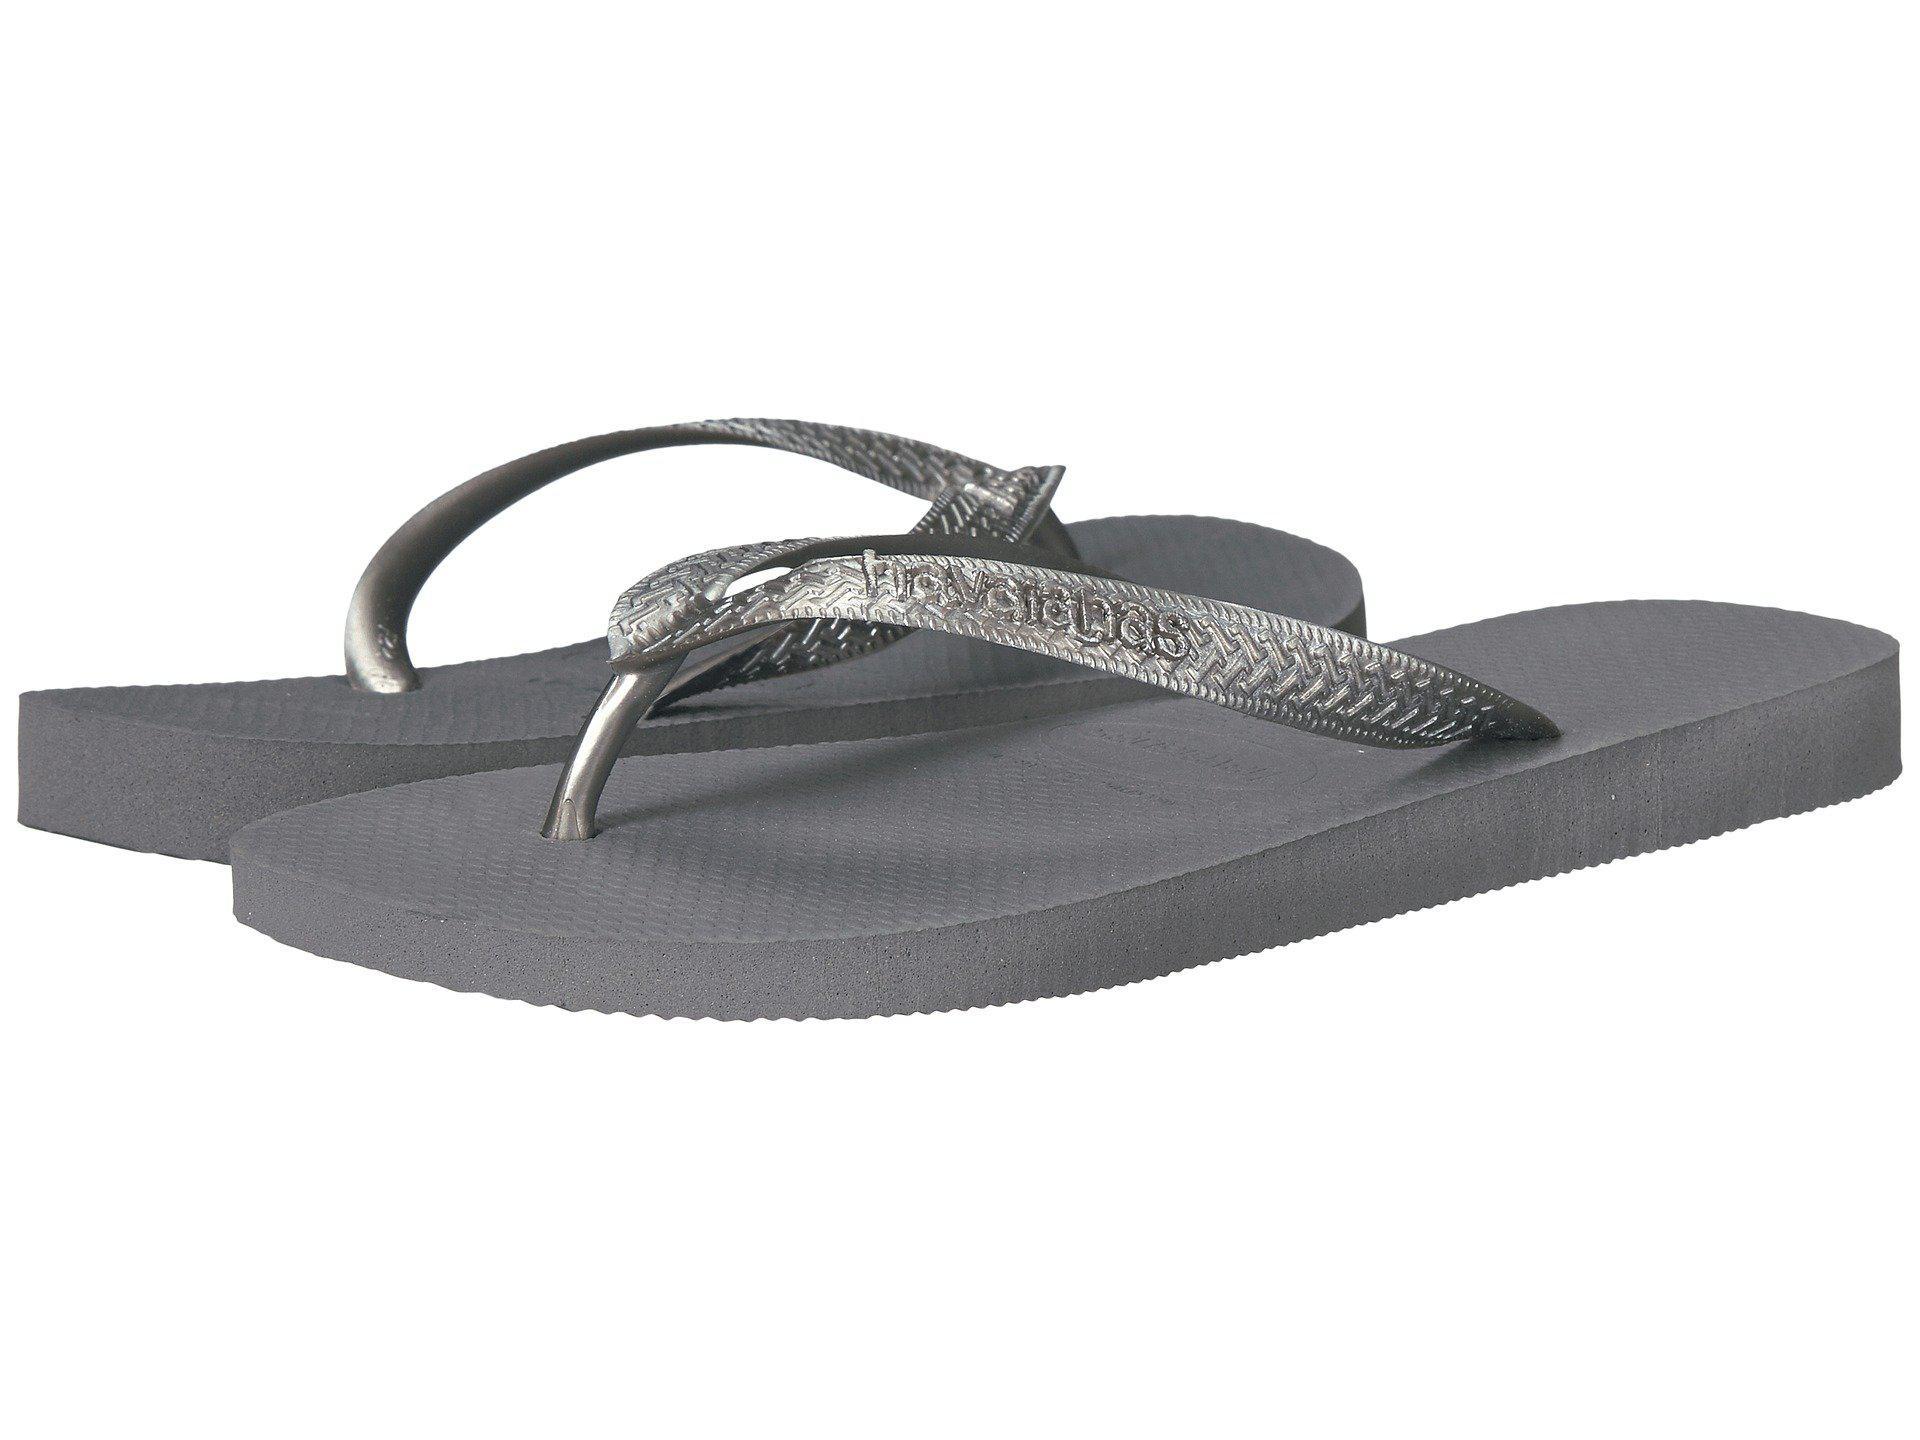 4514da5c6140 Lyst - Havaianas Top Tiras Flip-flops (steel Grey) Women s Sandals ...